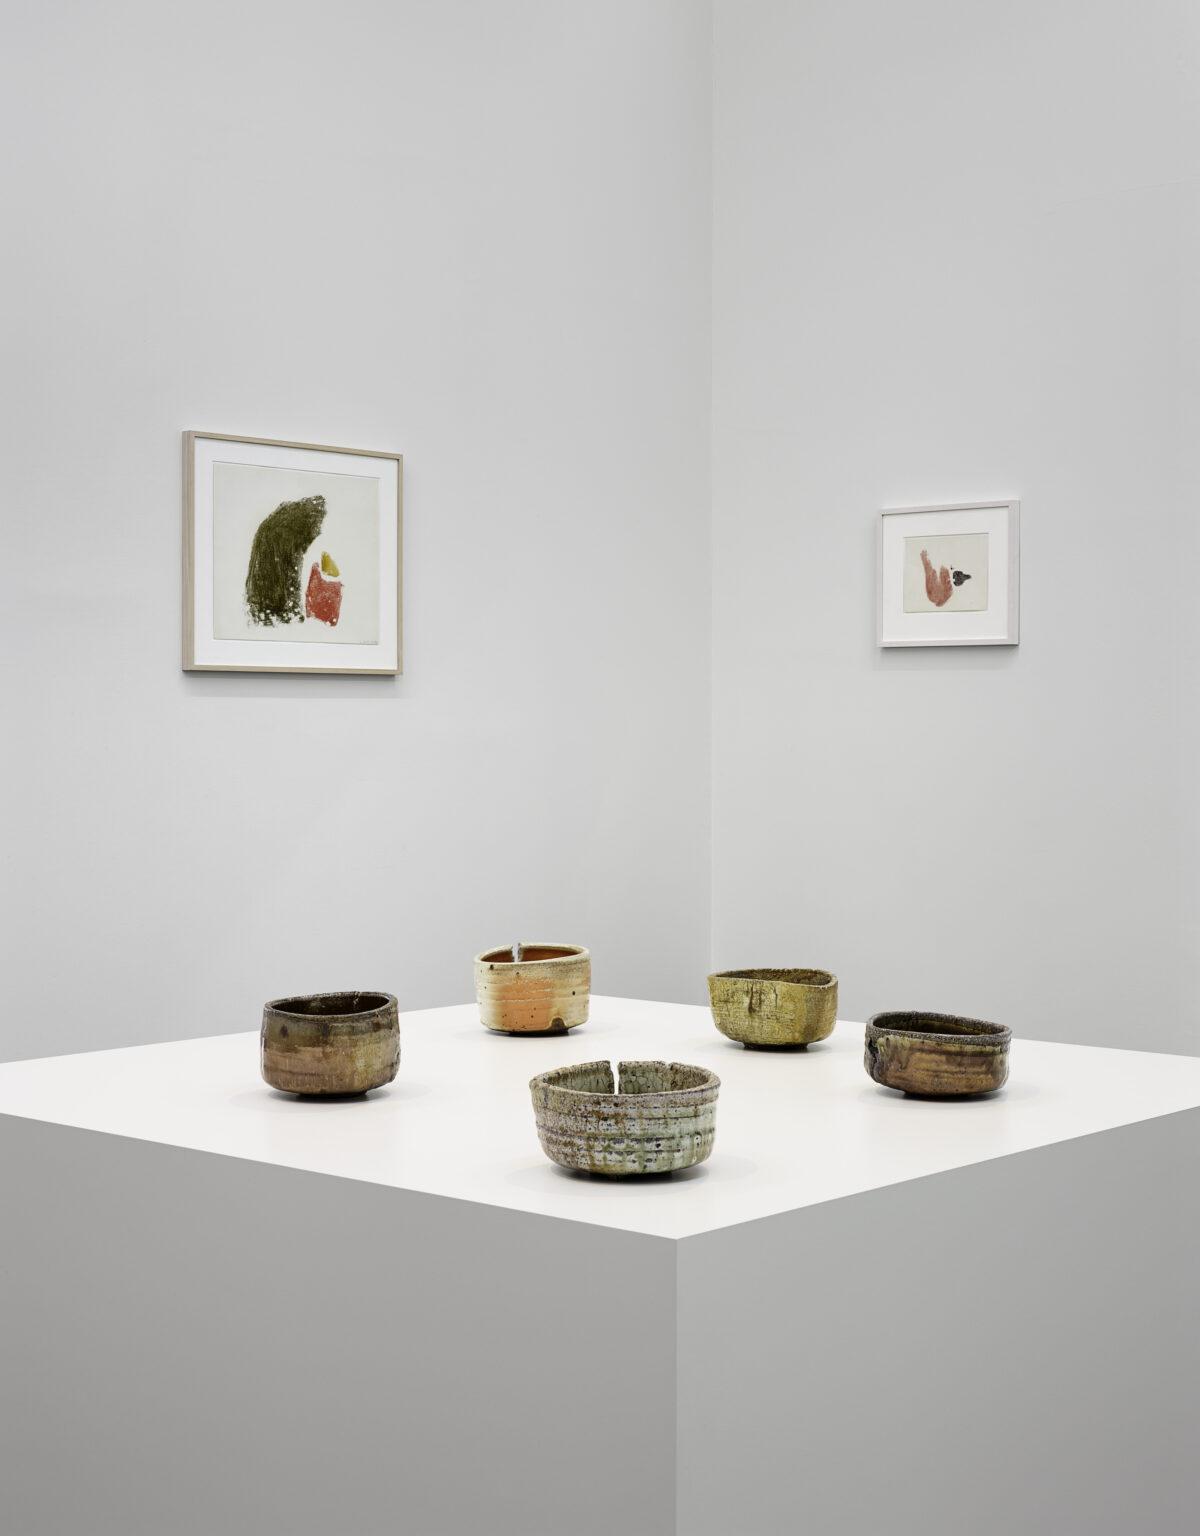 Ausstellungsansicht Collector's Choice Only (2014) mit Werken von Phil Sims und Julius Bissier